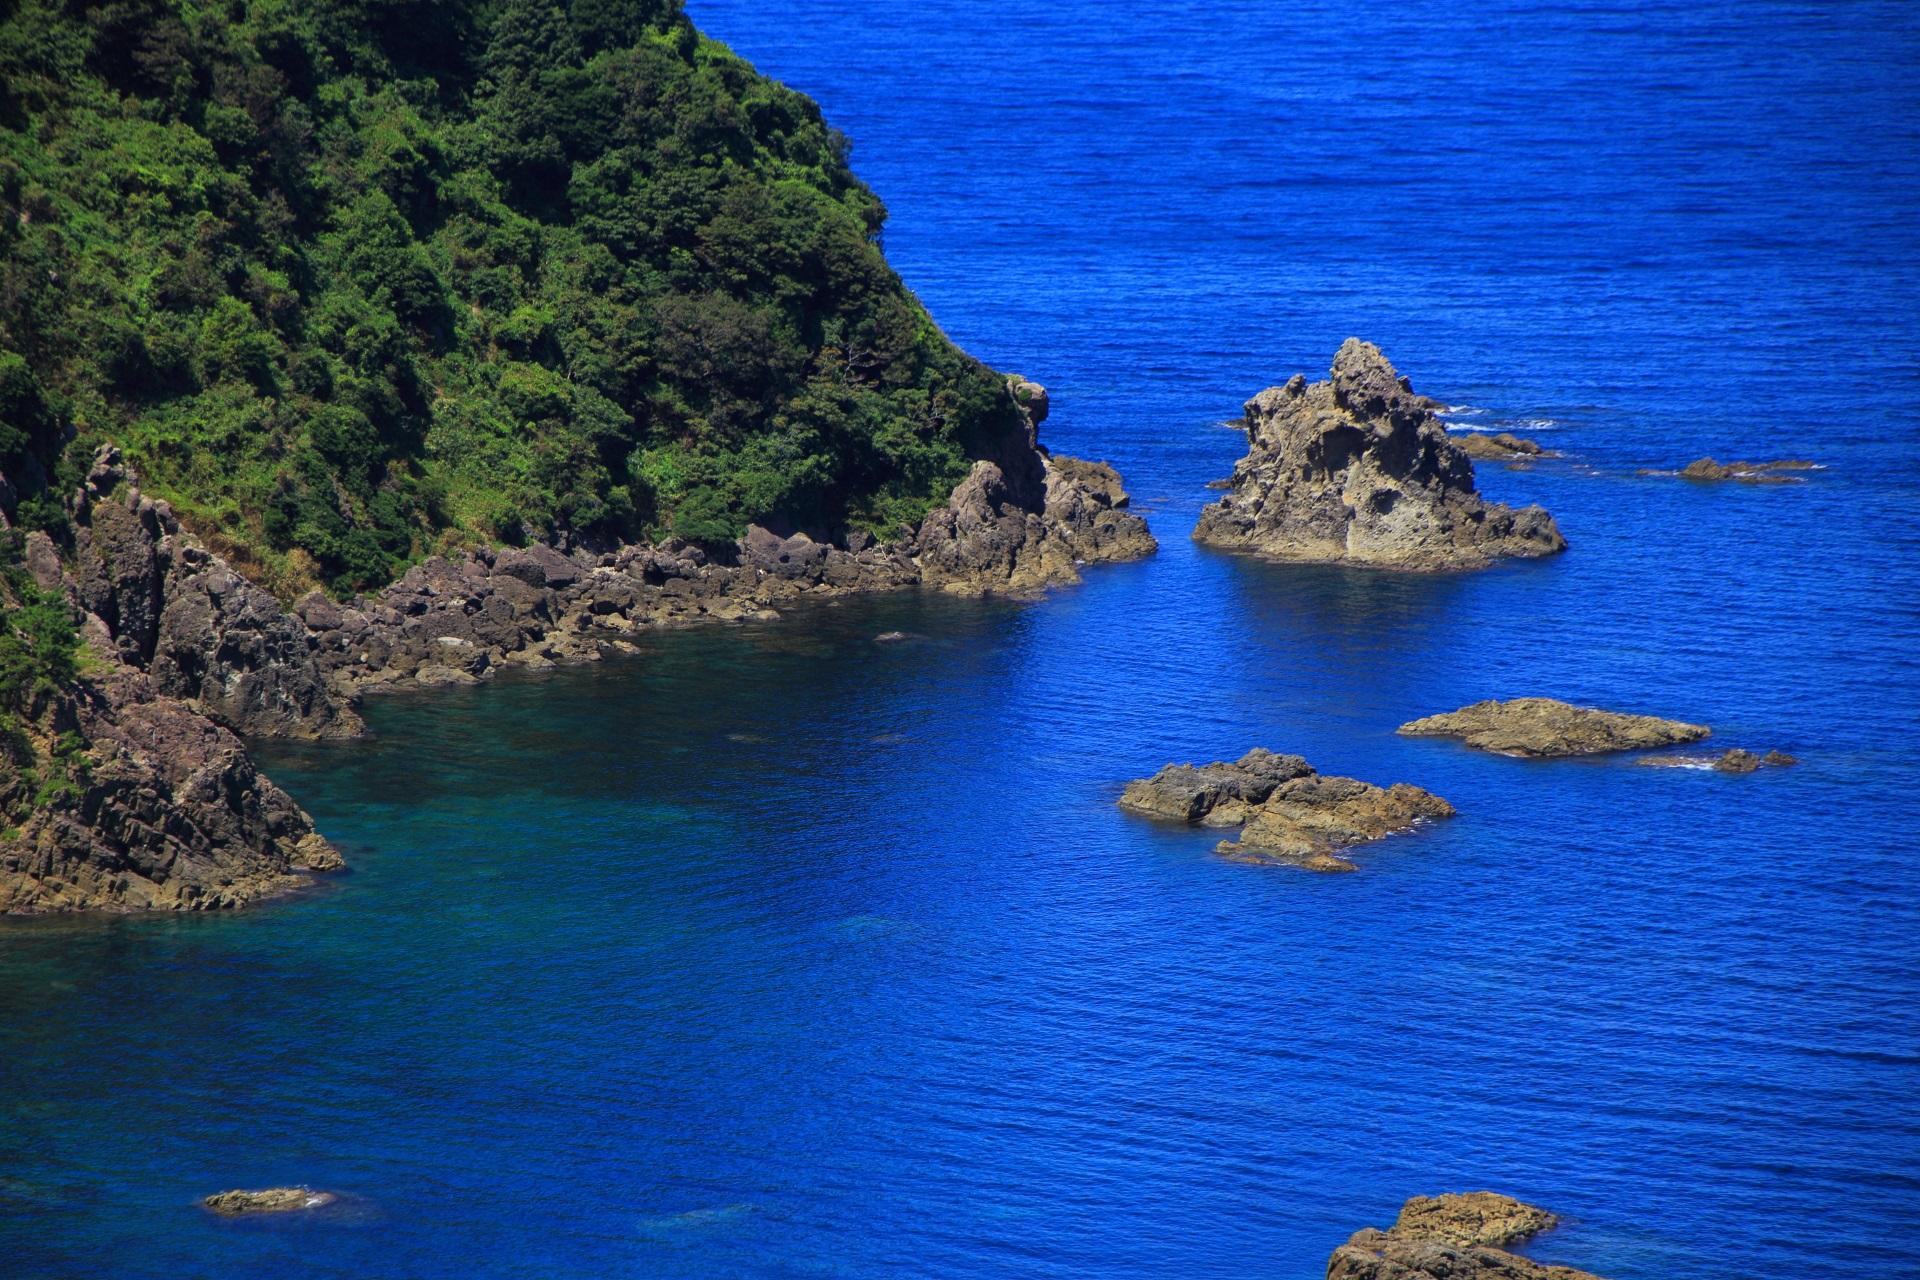 地球の力によって創られたゴロゴロした岩と美しい海